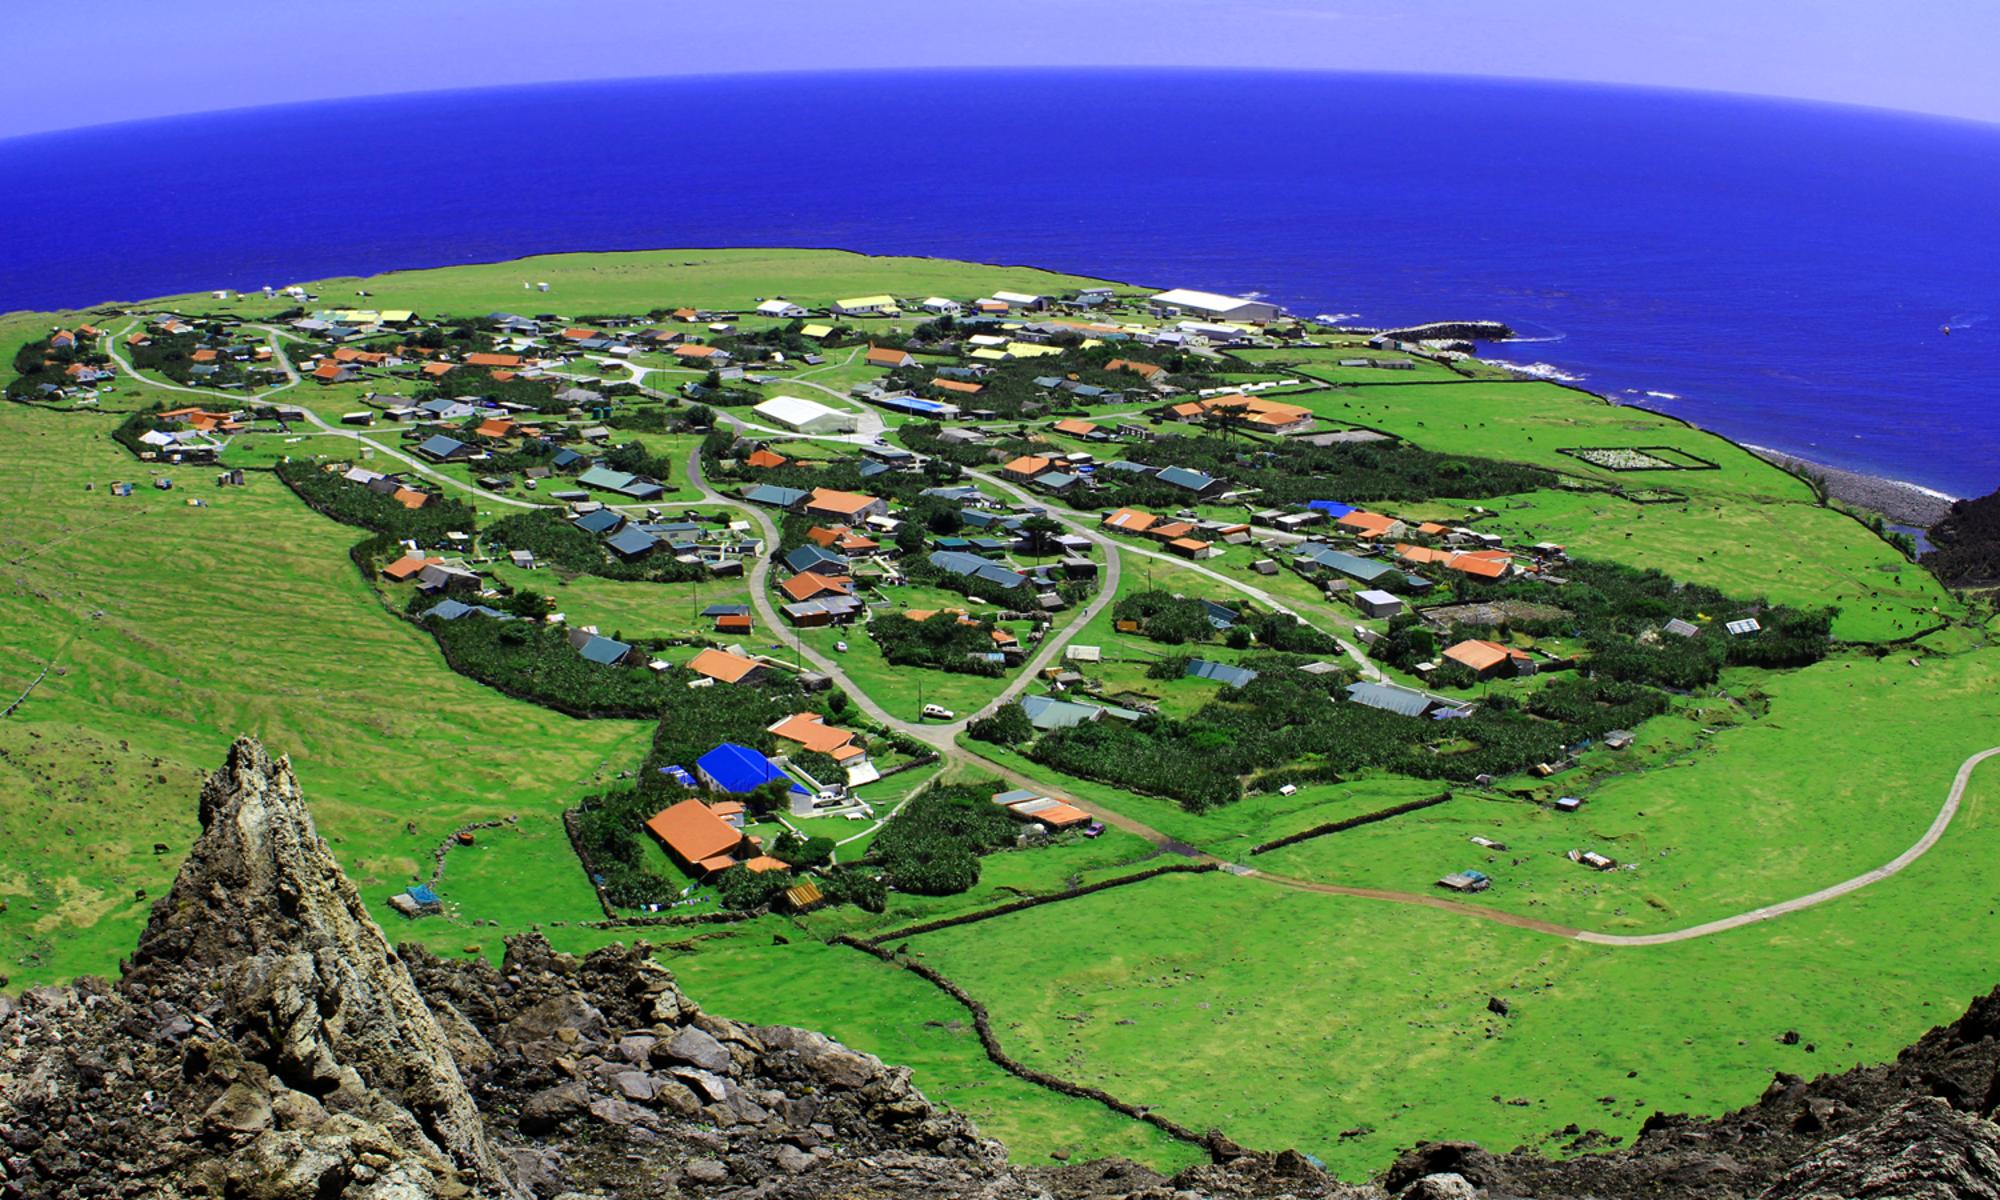 Edinburgh of the Seven Seas, Tristan da Cunha